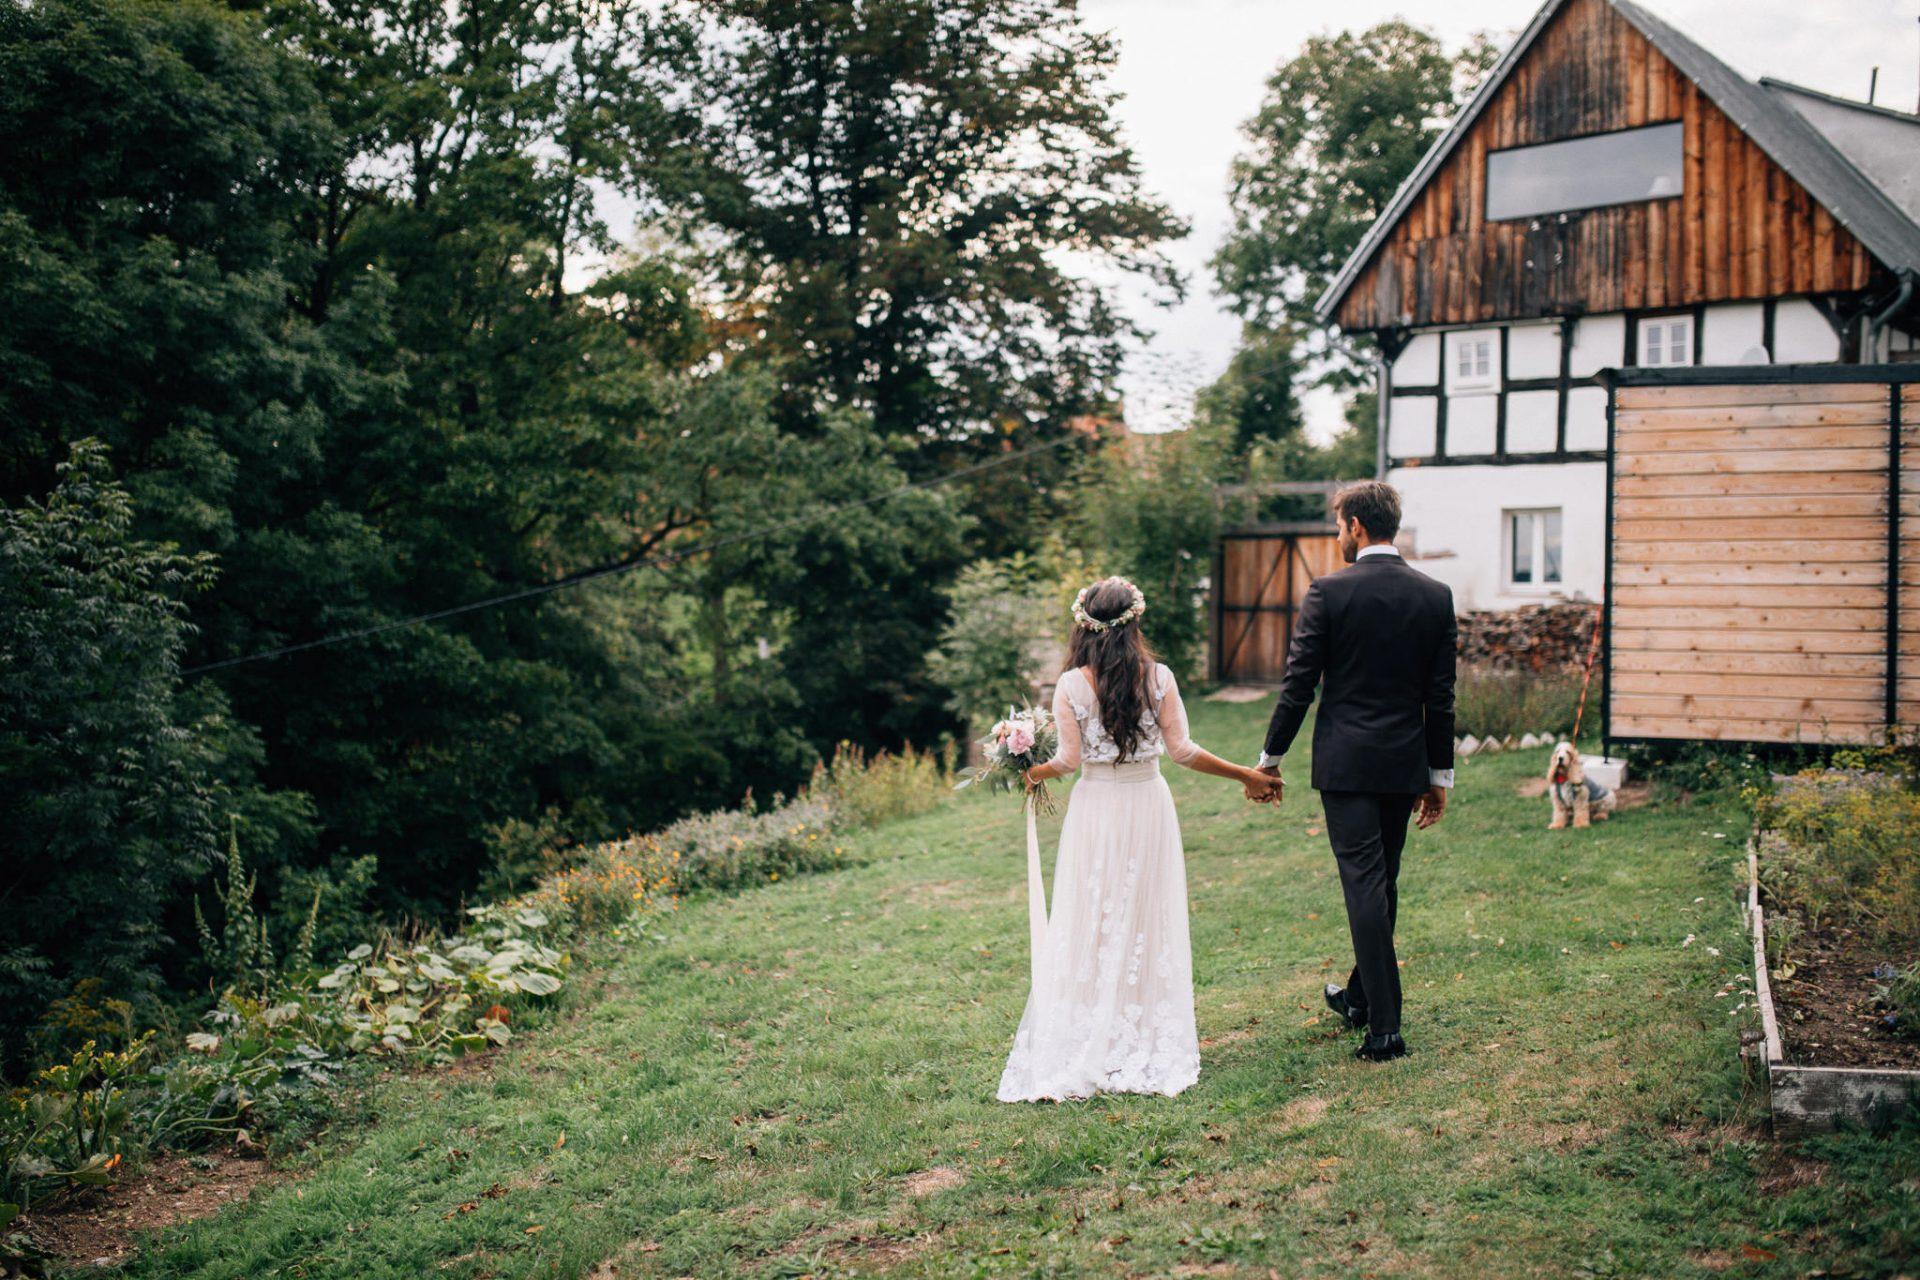 wesele-polna-zdrój-sylwia-kopczynska